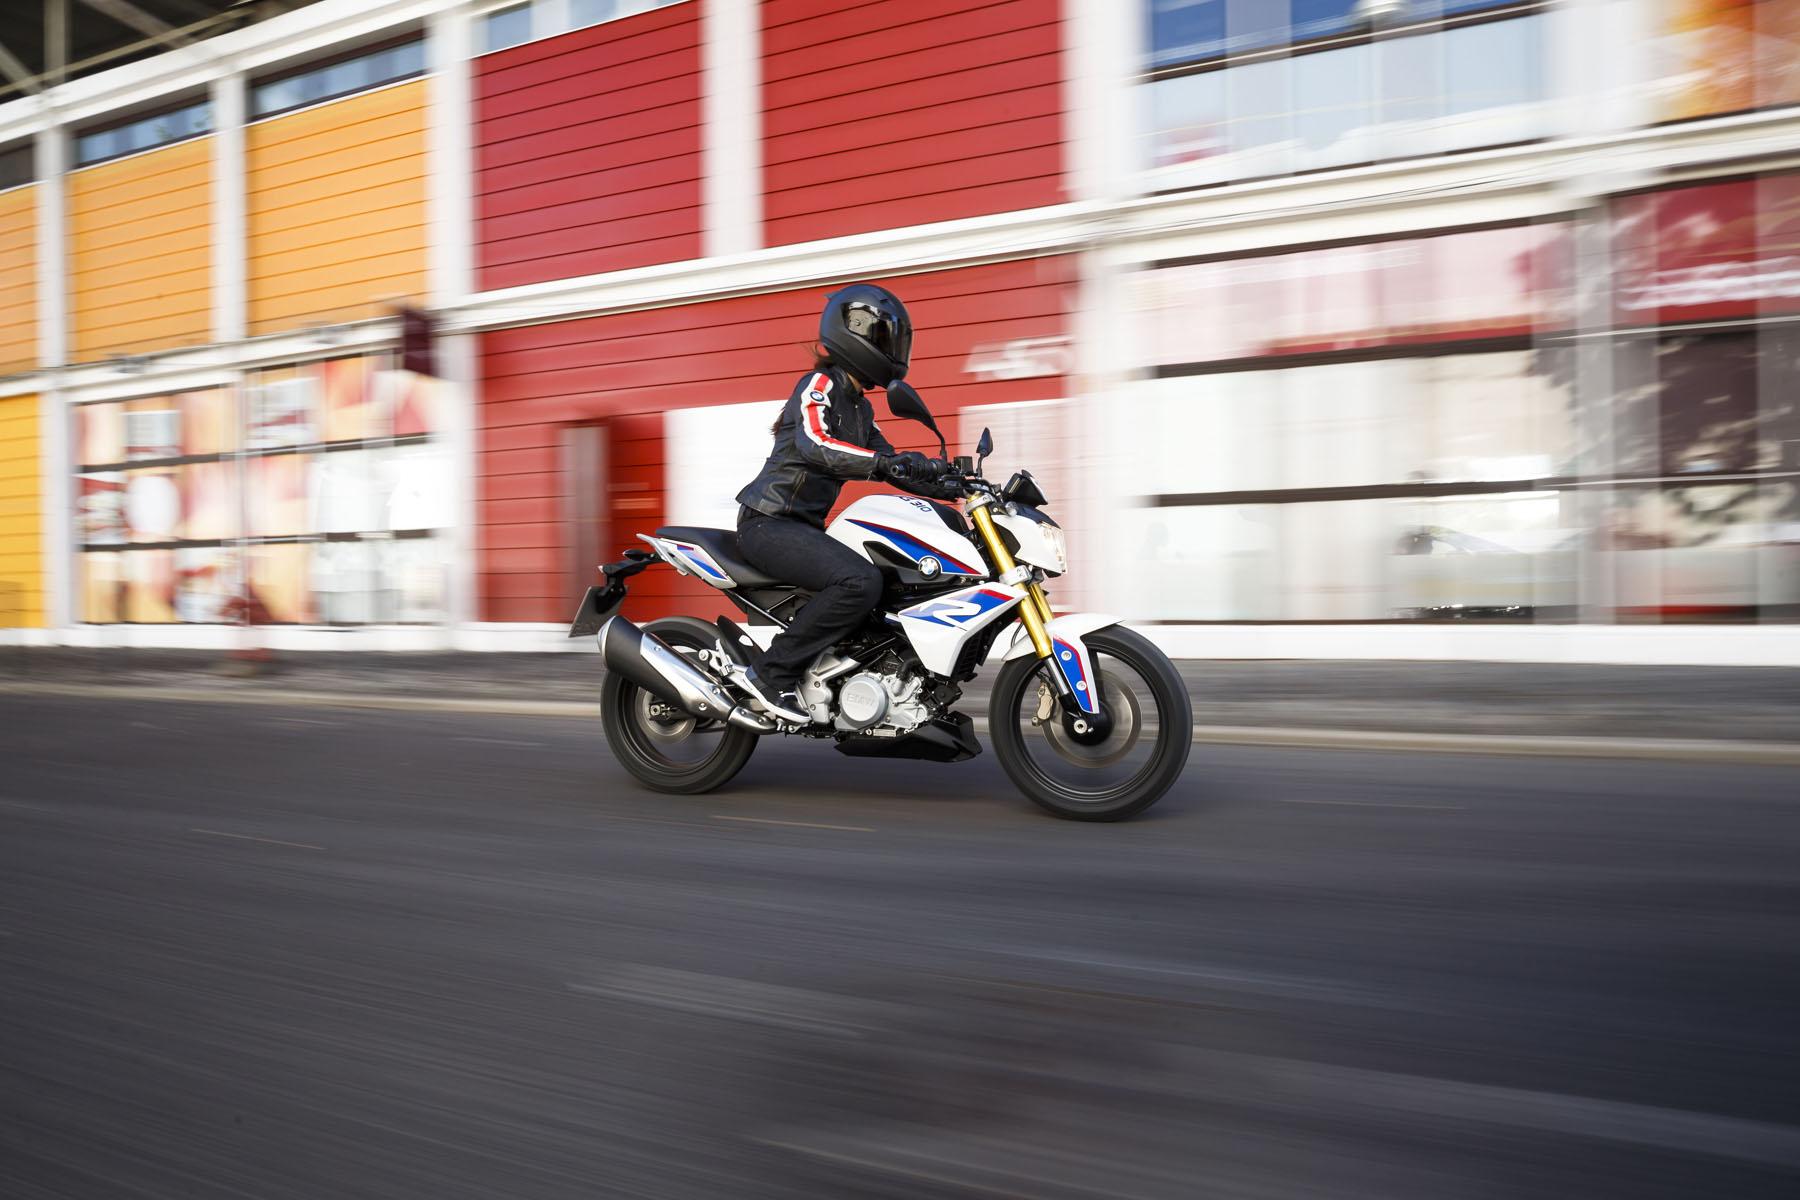 la nouvelle bmw g 310 r le premier bmw roadster sous 500 cc accessoires moto hornig. Black Bedroom Furniture Sets. Home Design Ideas